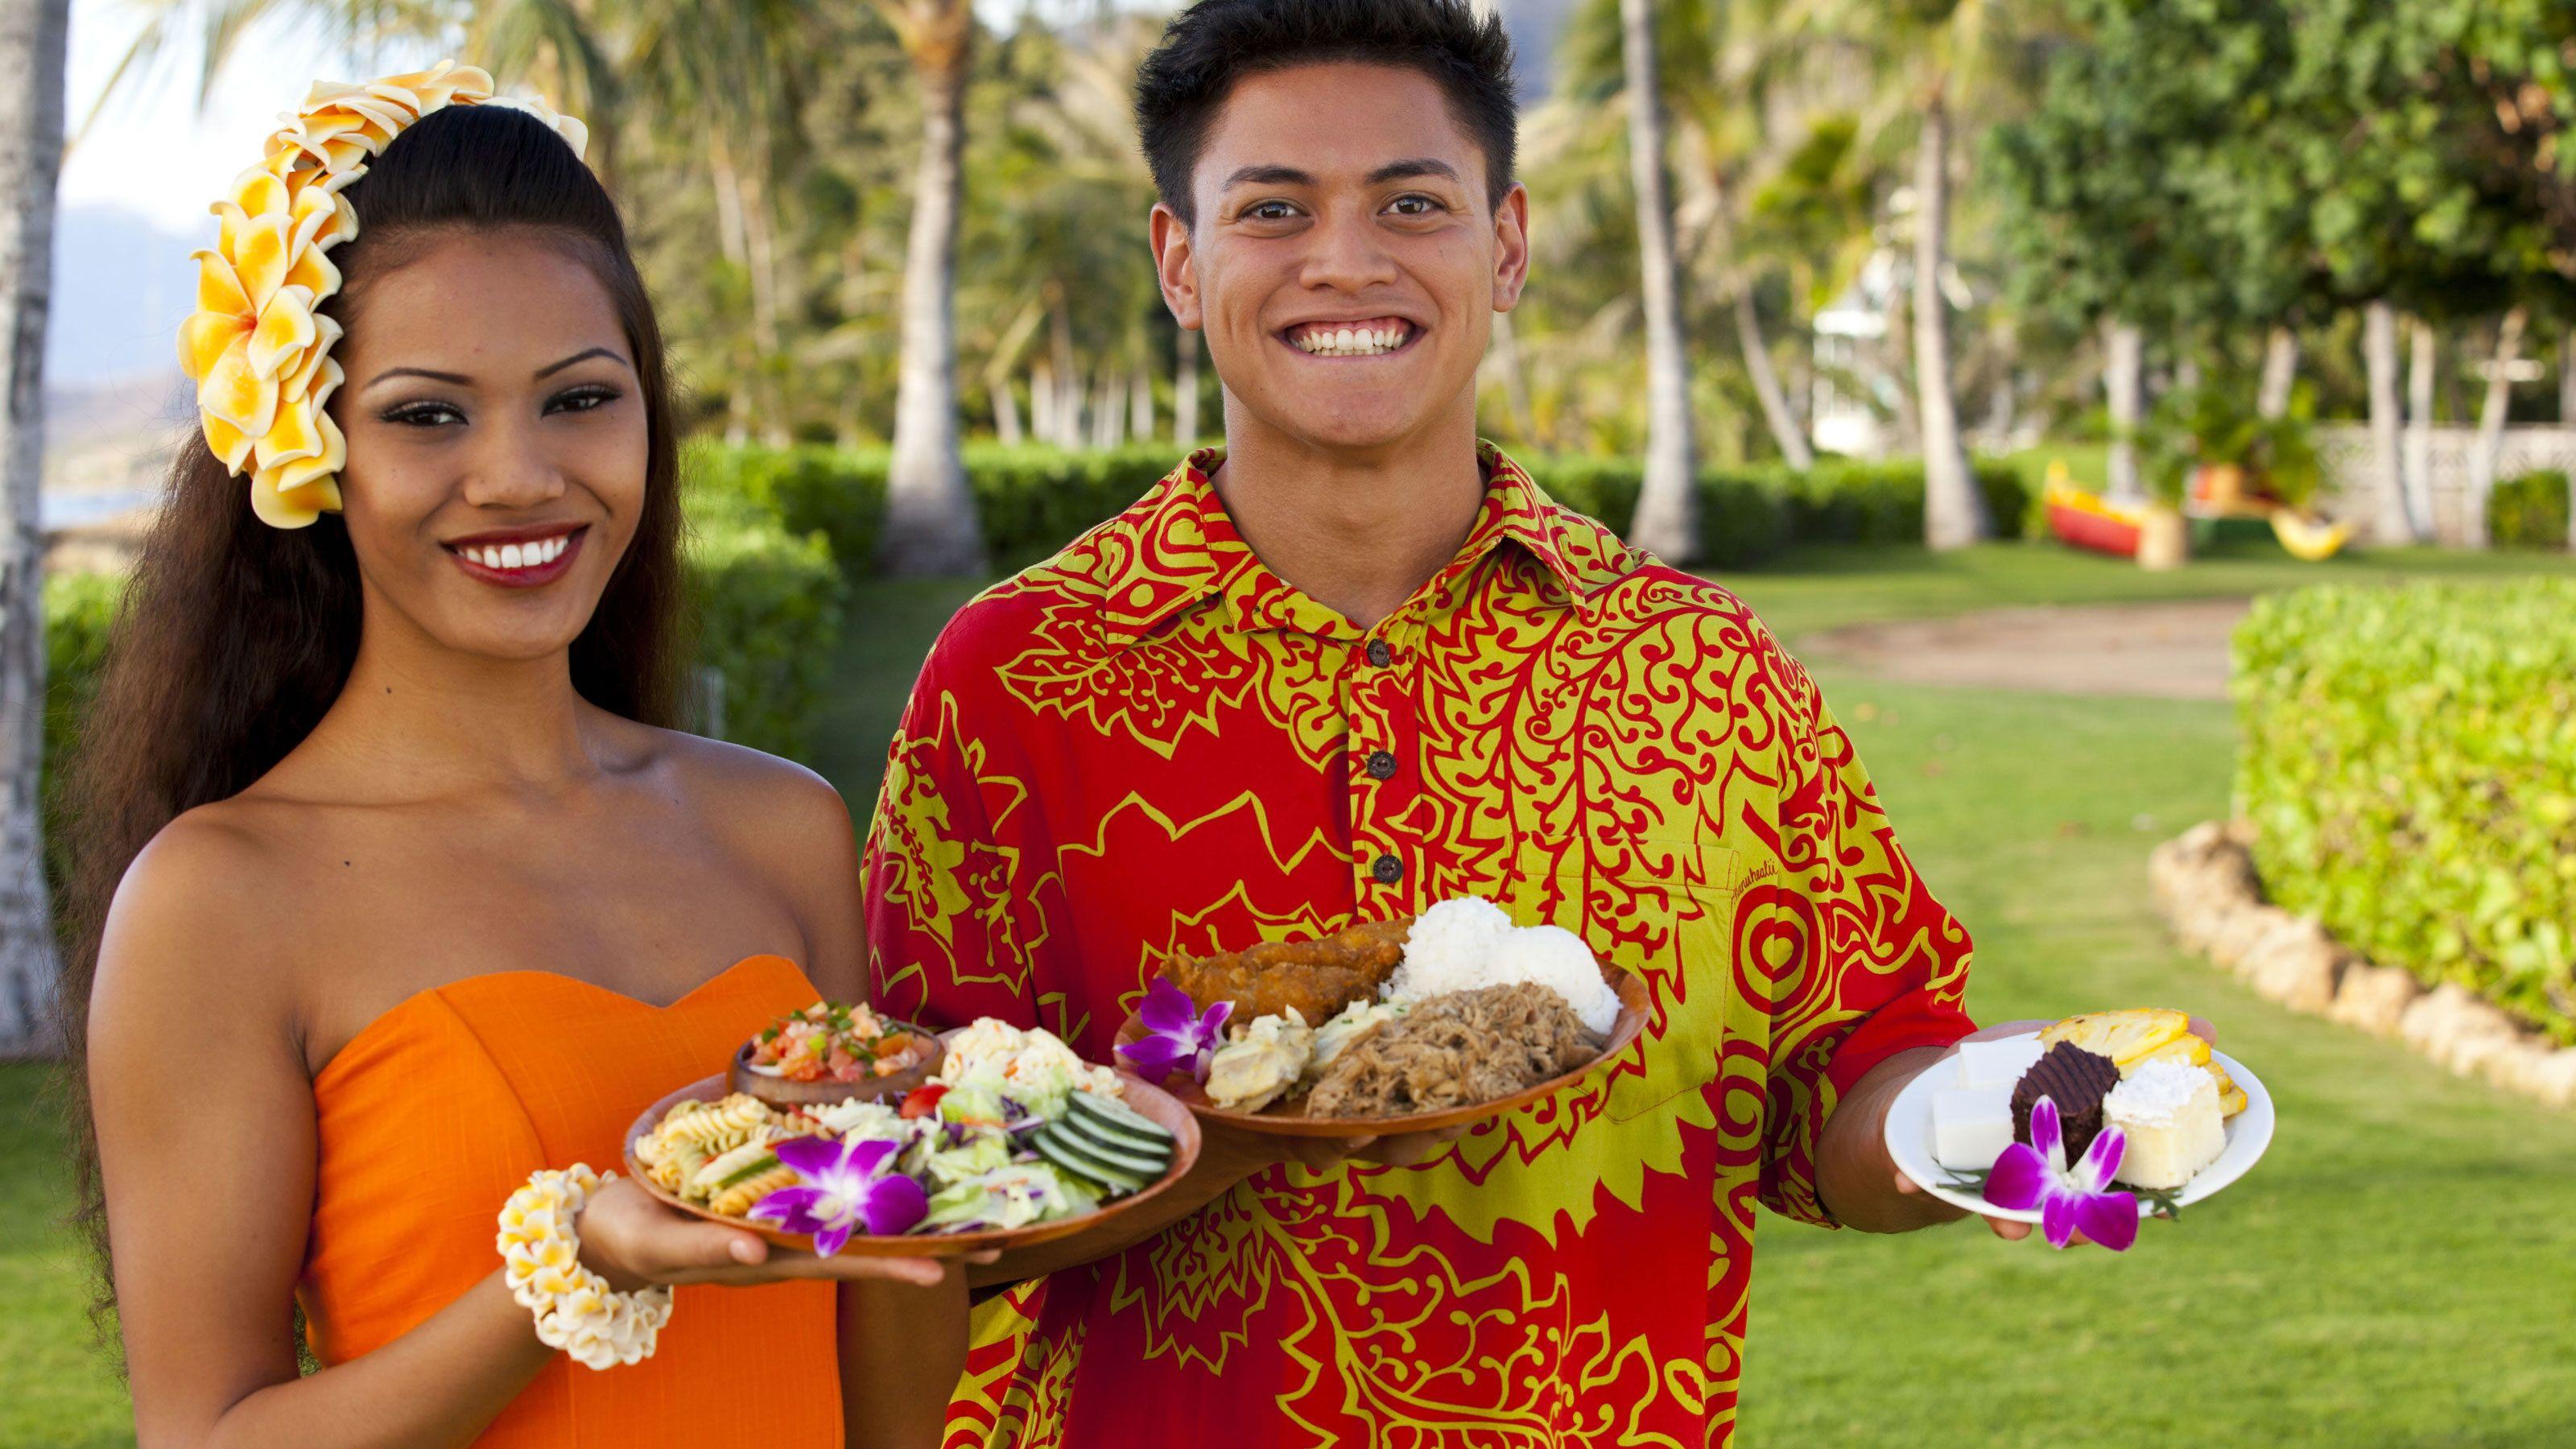 Luau hosts offering tasty food items